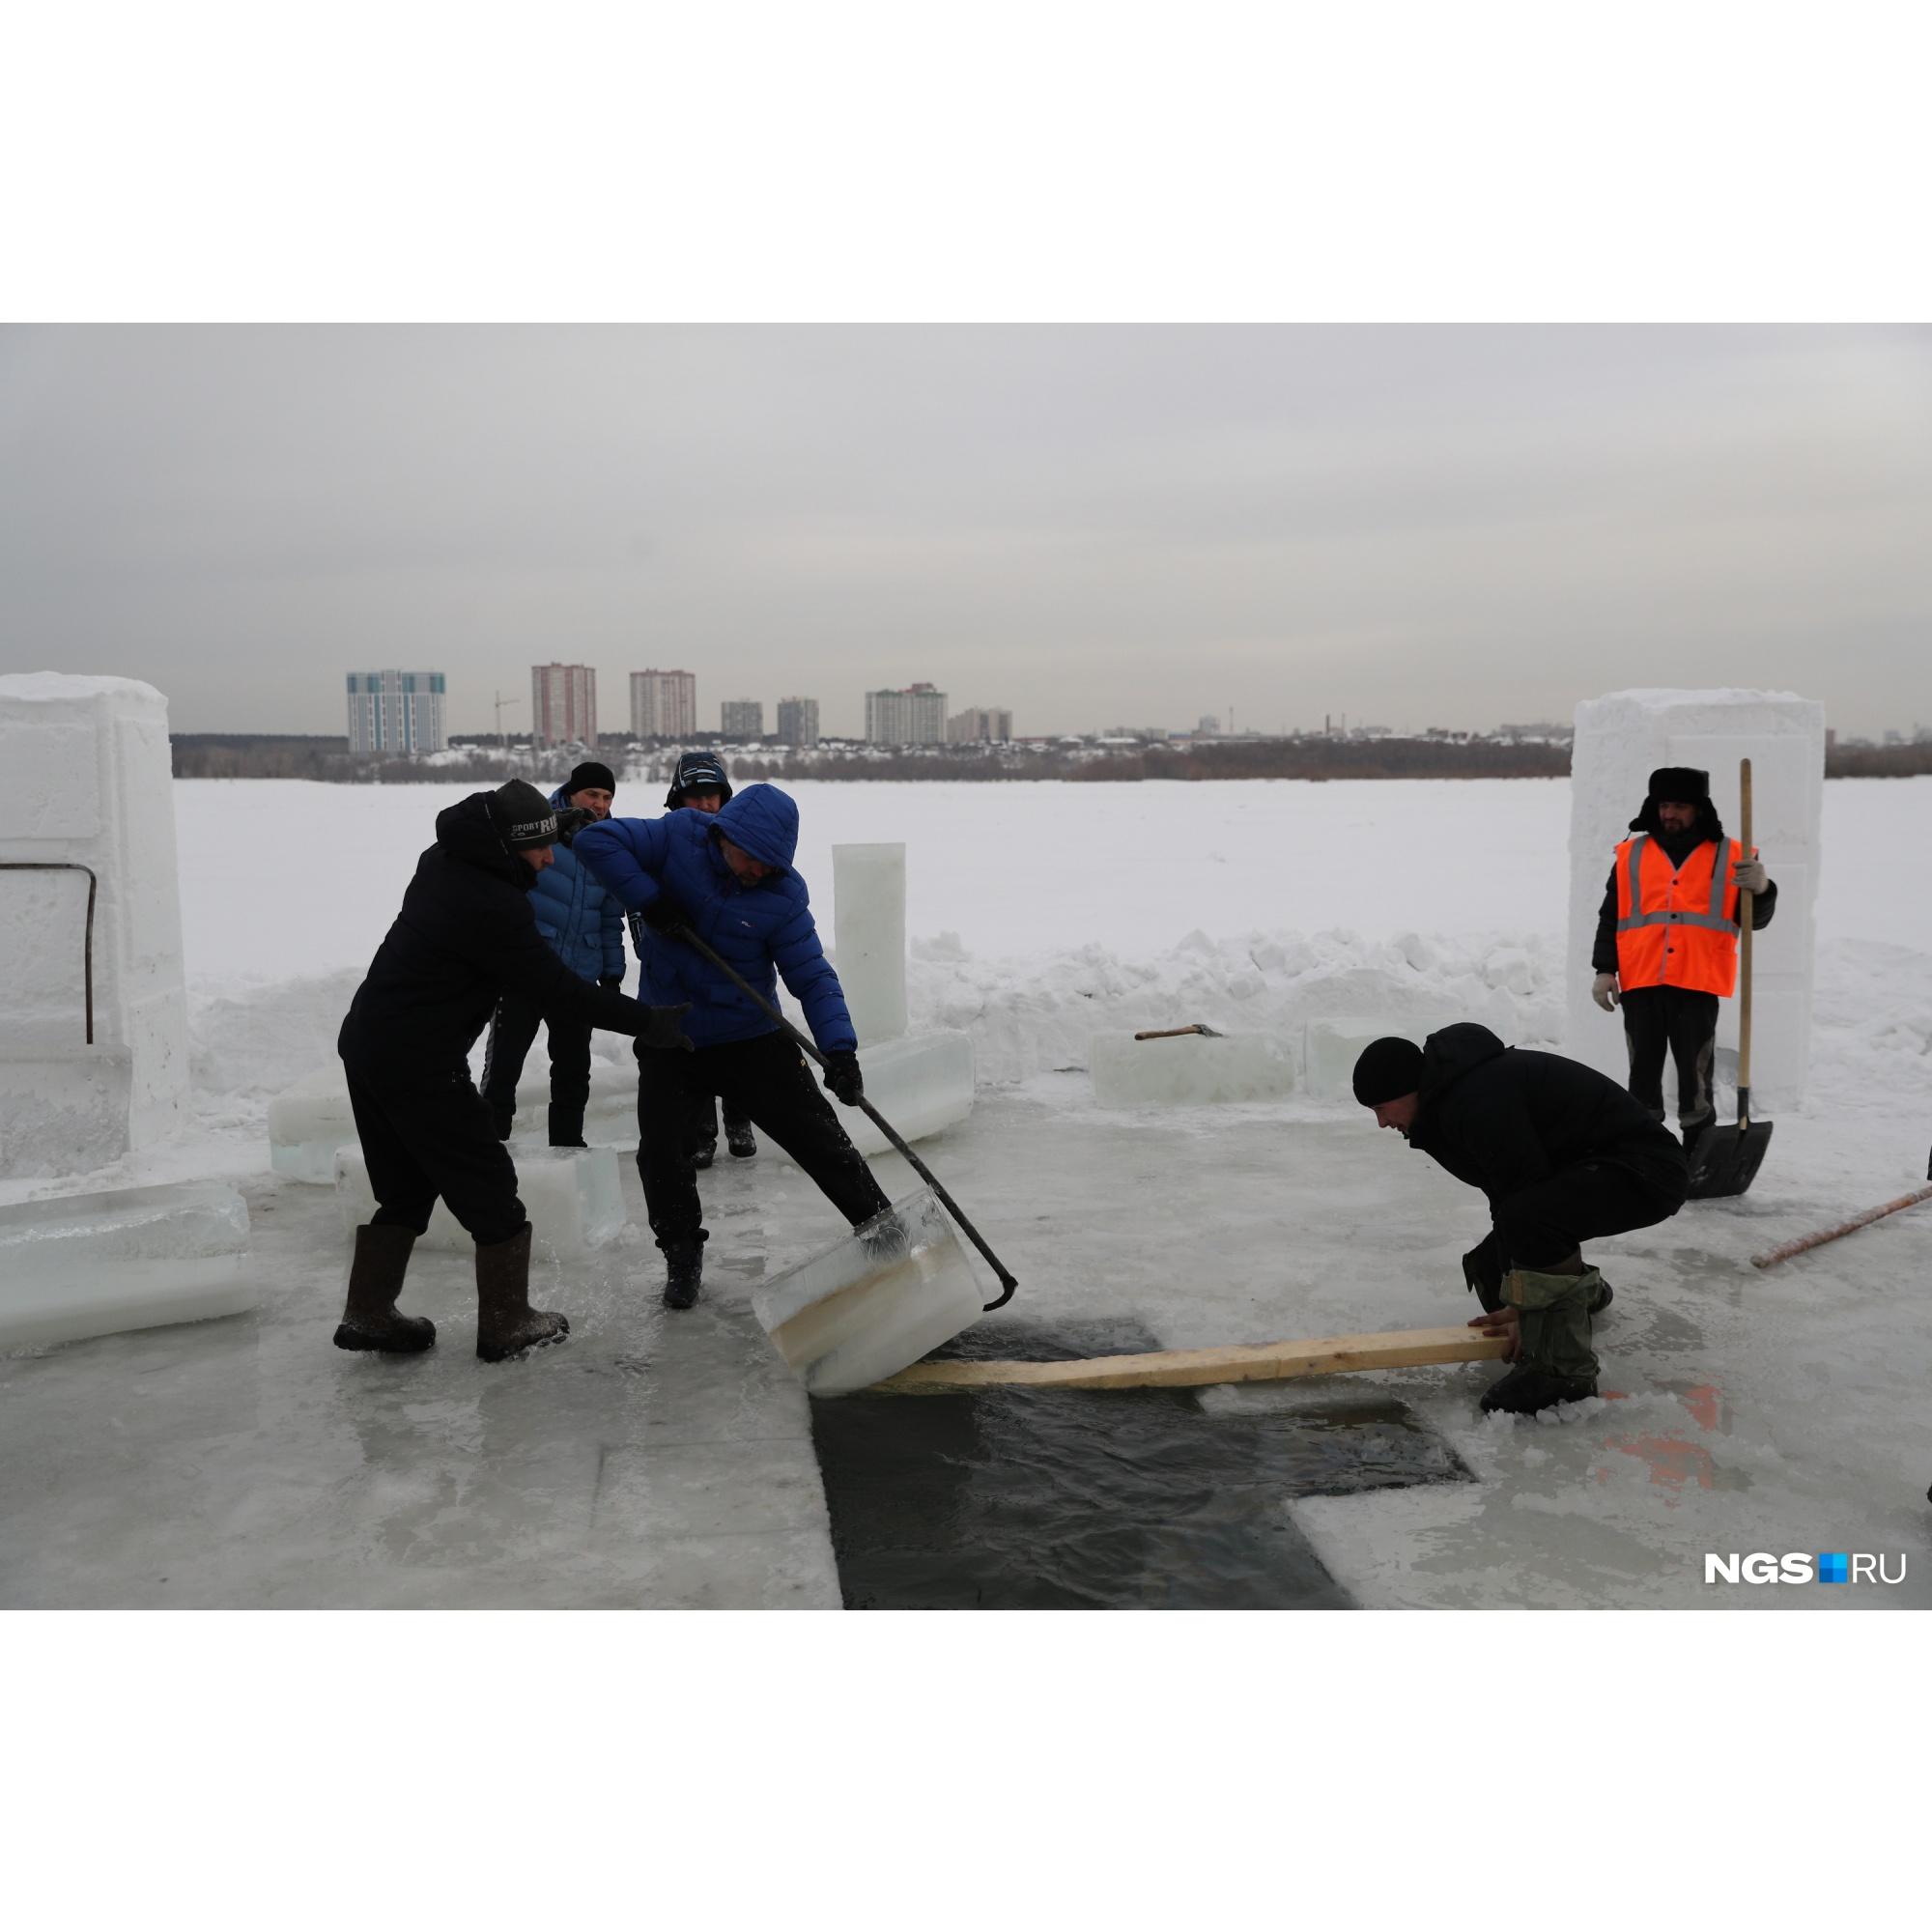 Купель традиционно формируют в форме креста, сам лед тоже пригодится в оформлении